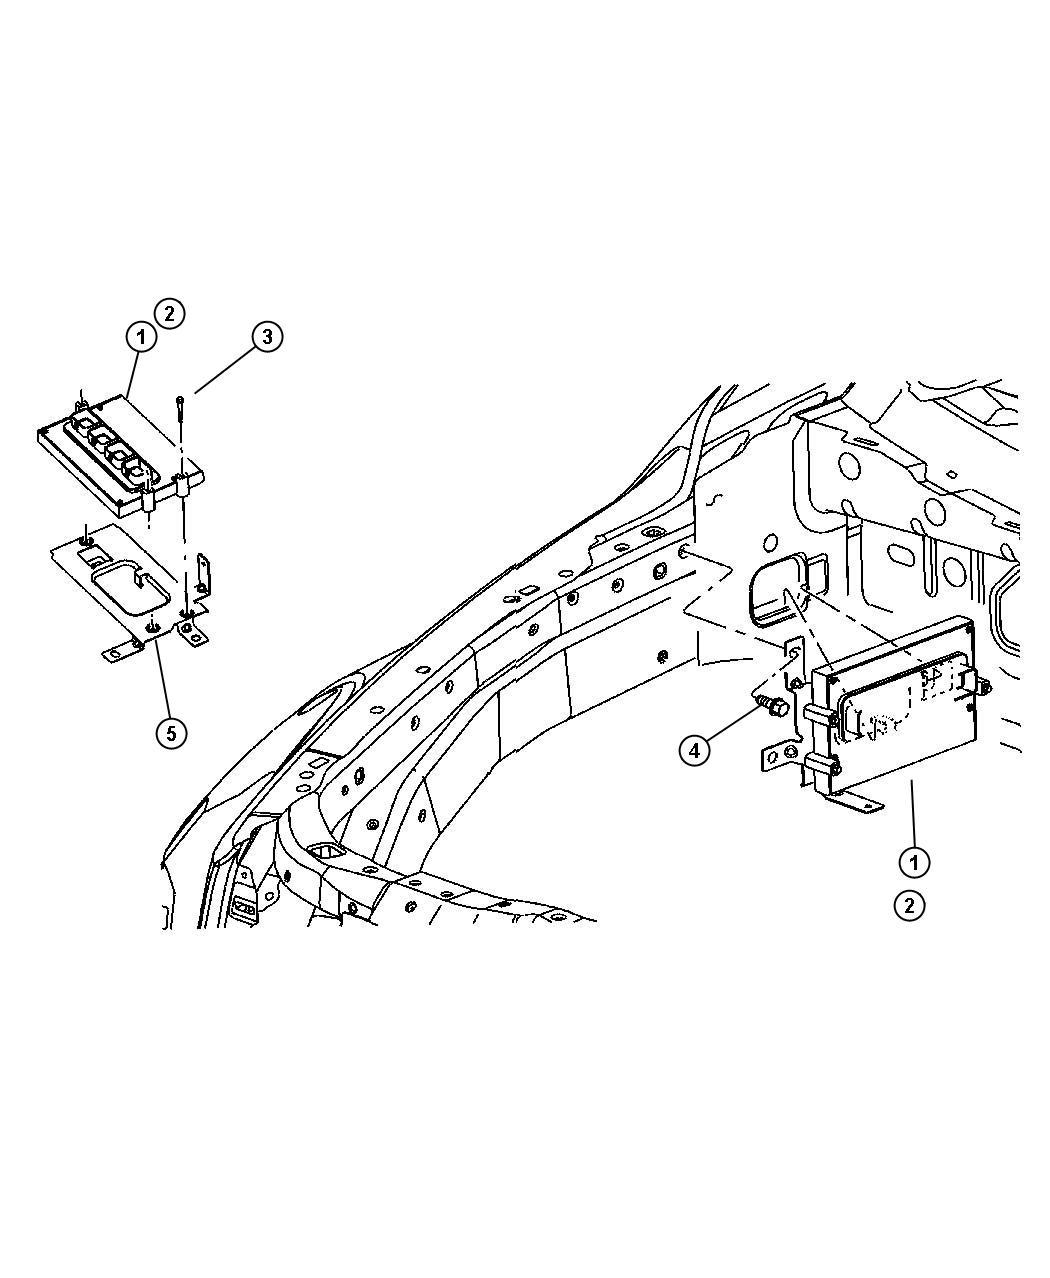 Dodge Durango Module. Powertrain control. Generic